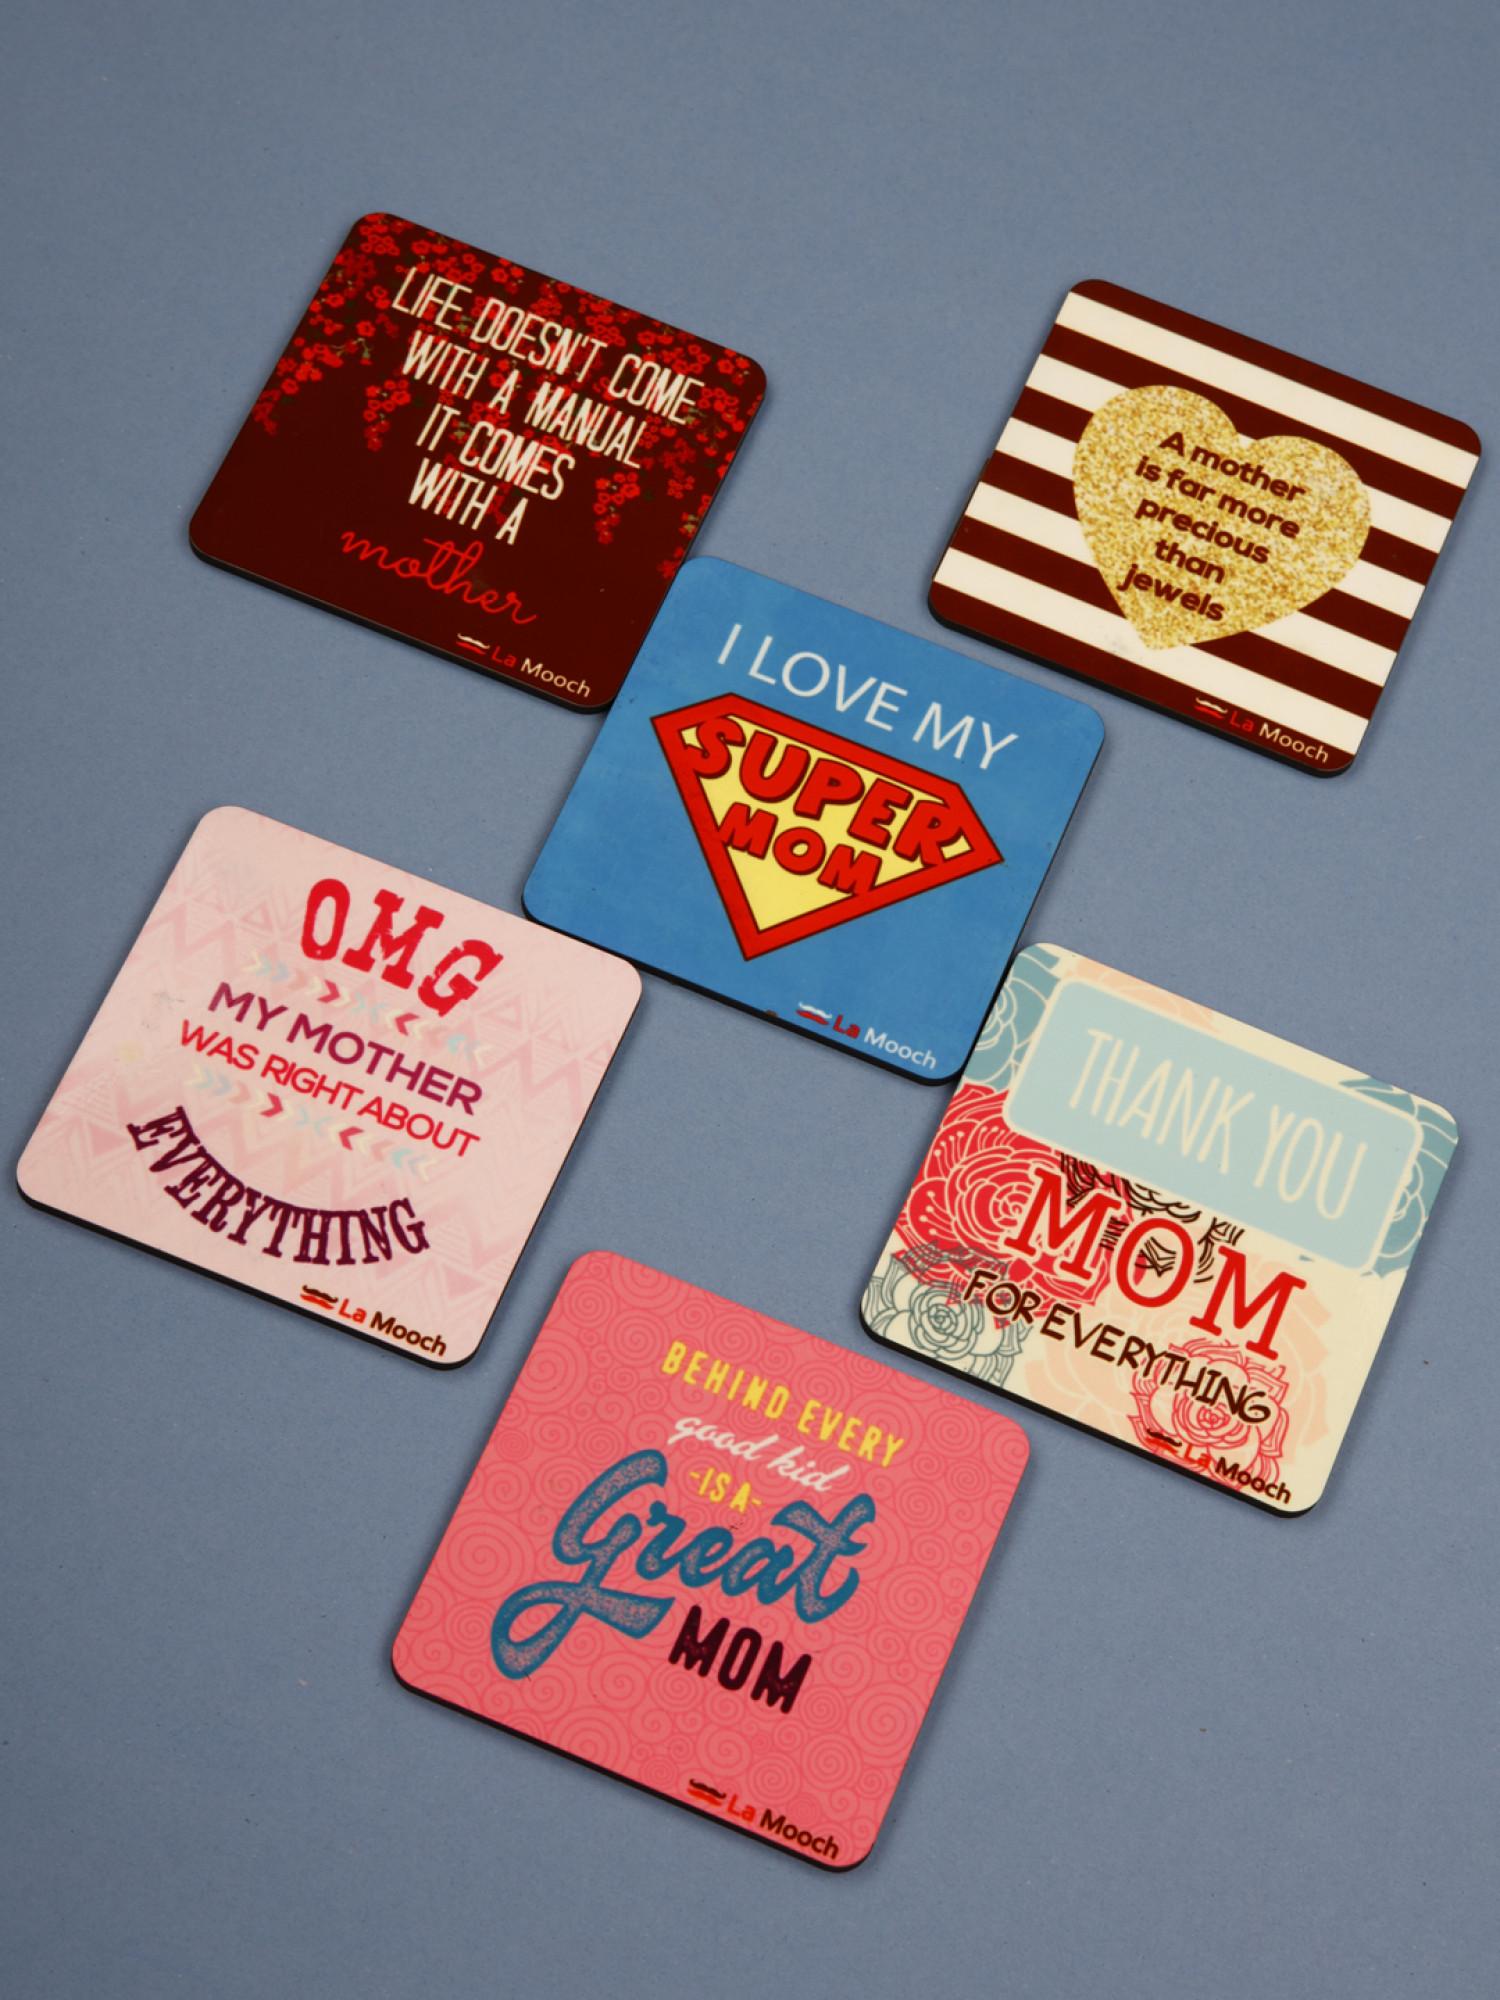 Designer Wooden Coaster Set of  6, Super MoM